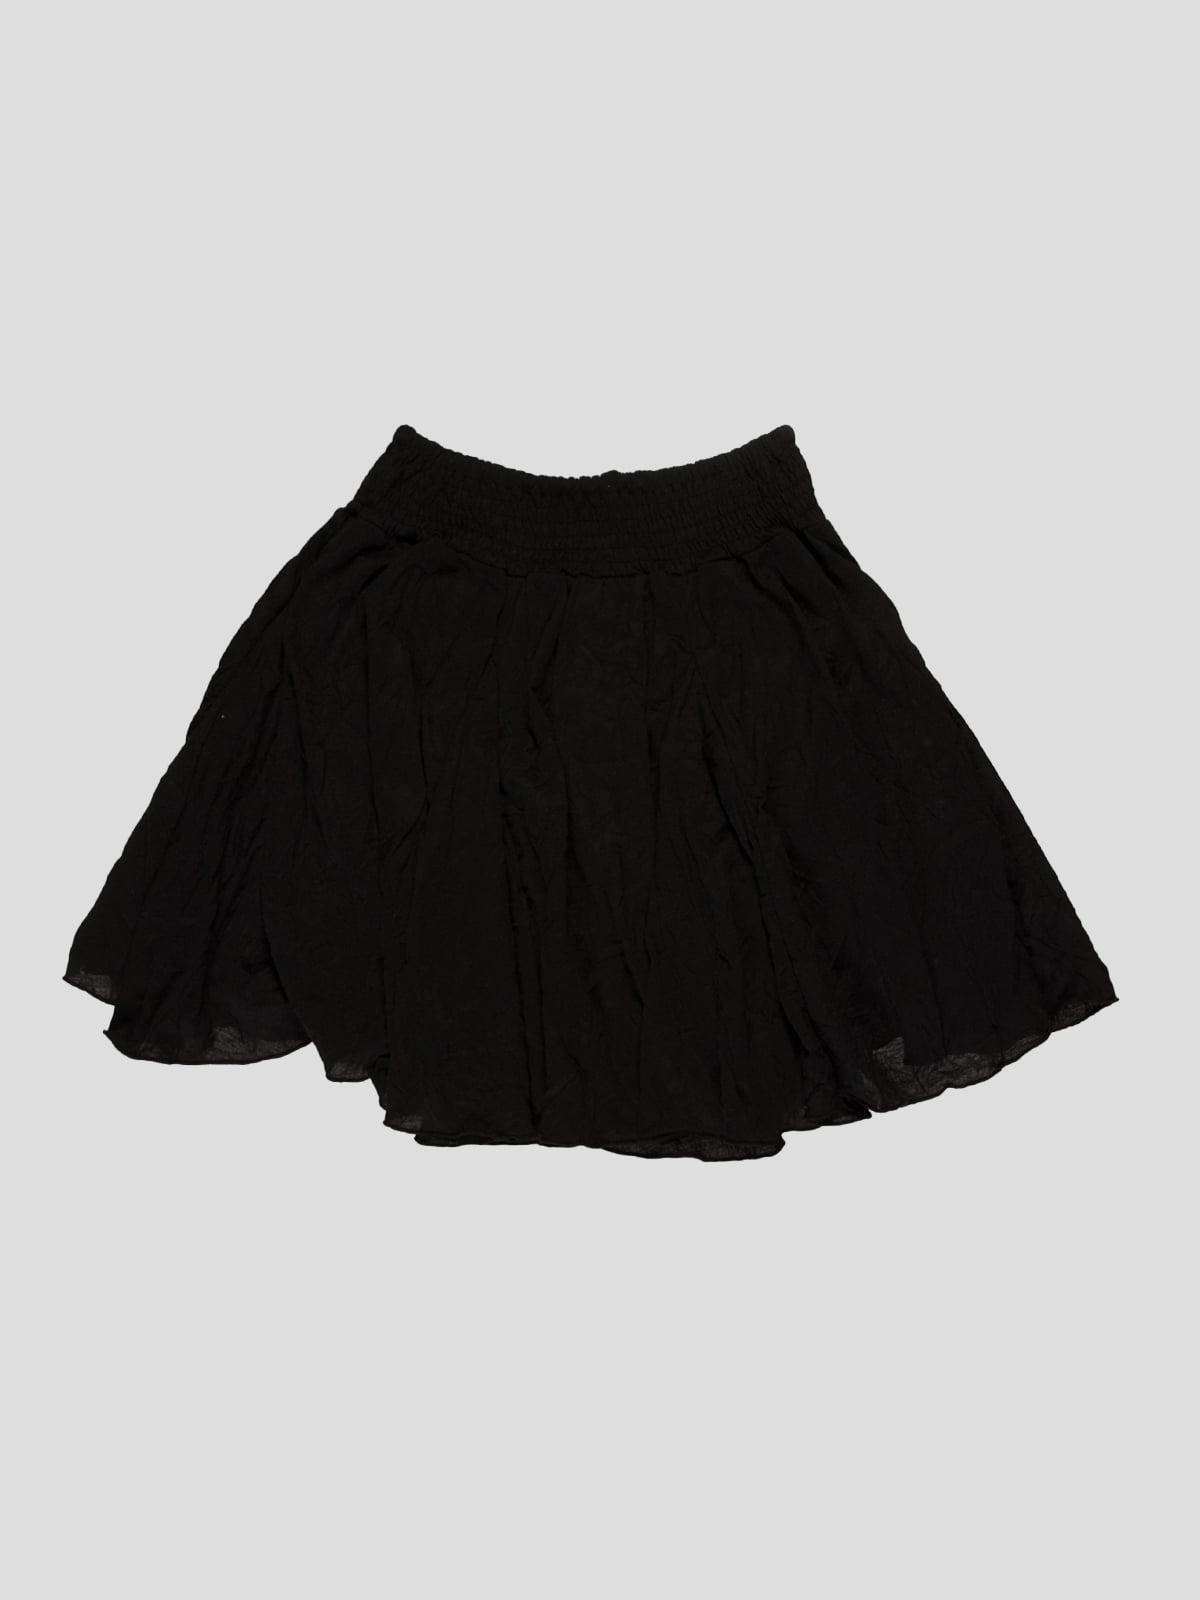 Юбка черная | 294553